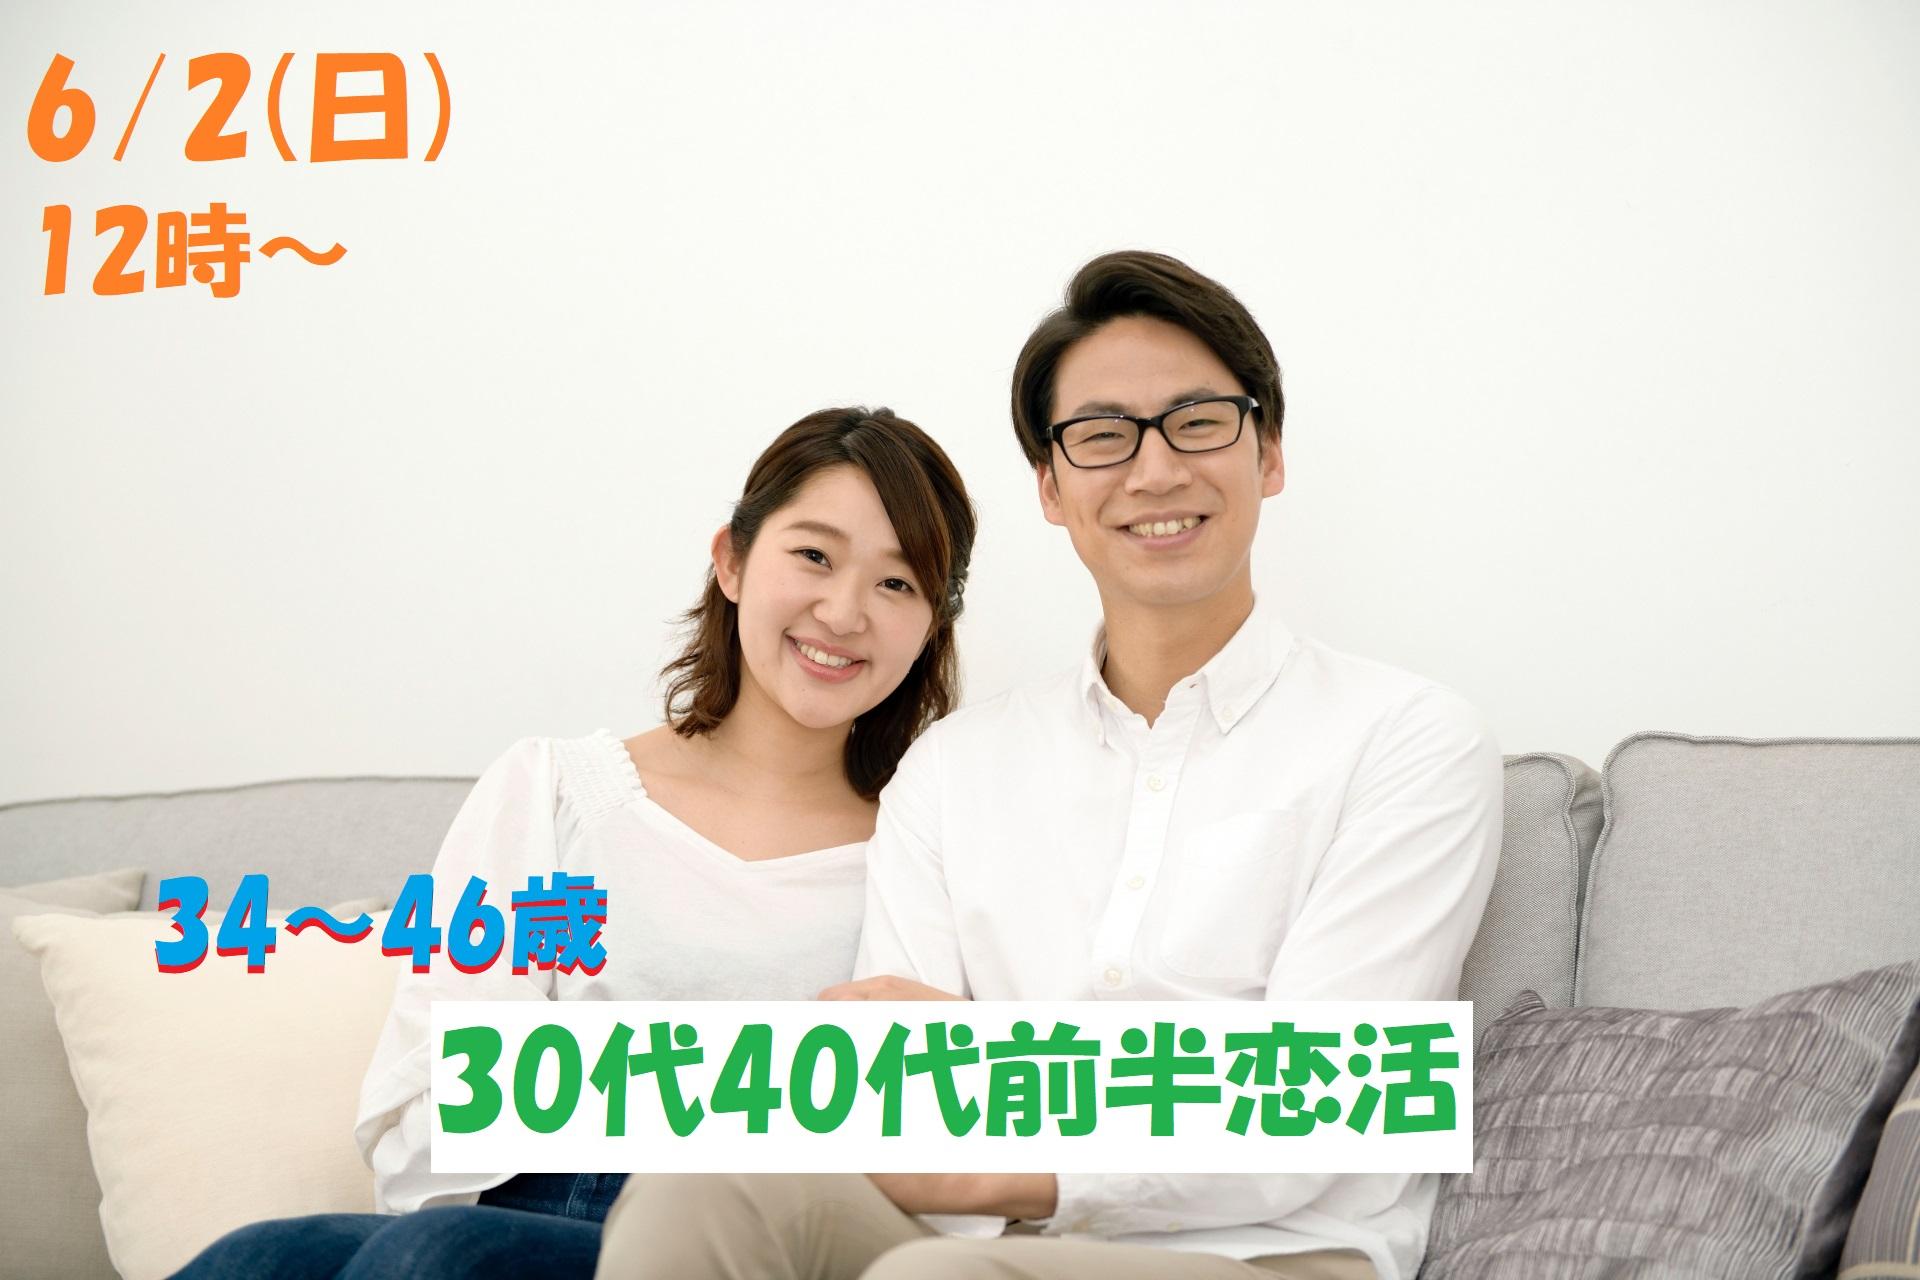 【終了】6月2日(日)12時~【34~46歳】良い人がいたら結婚したい!30代40代前半恋活!